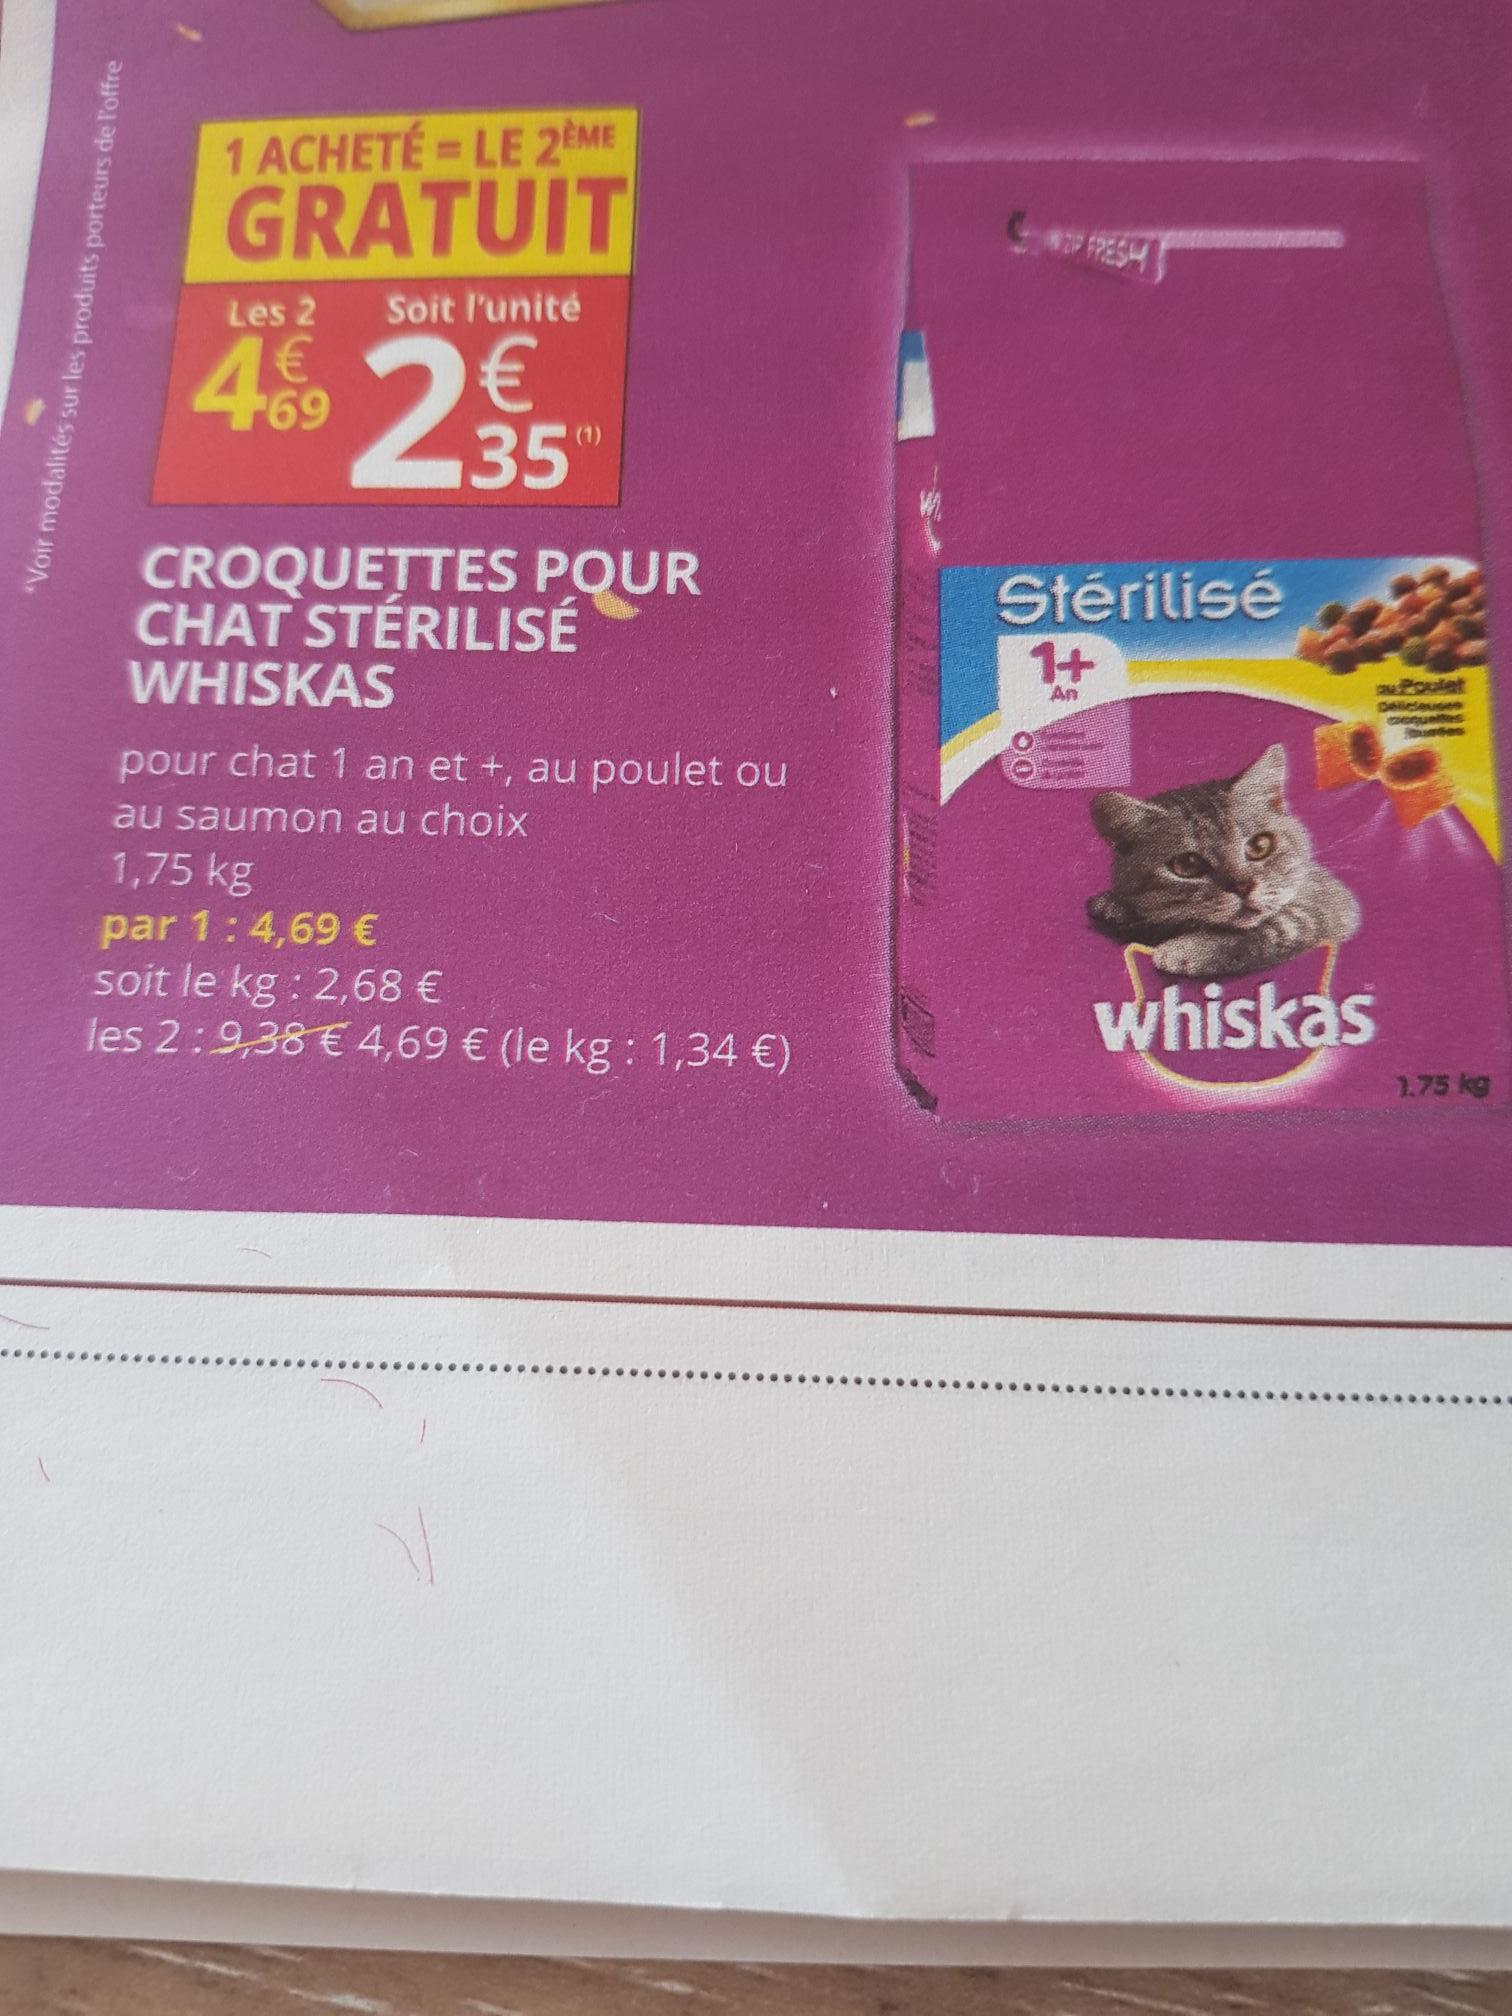 Lot de 2 Paquets Croquettes pour chat stérilisé Whiskas